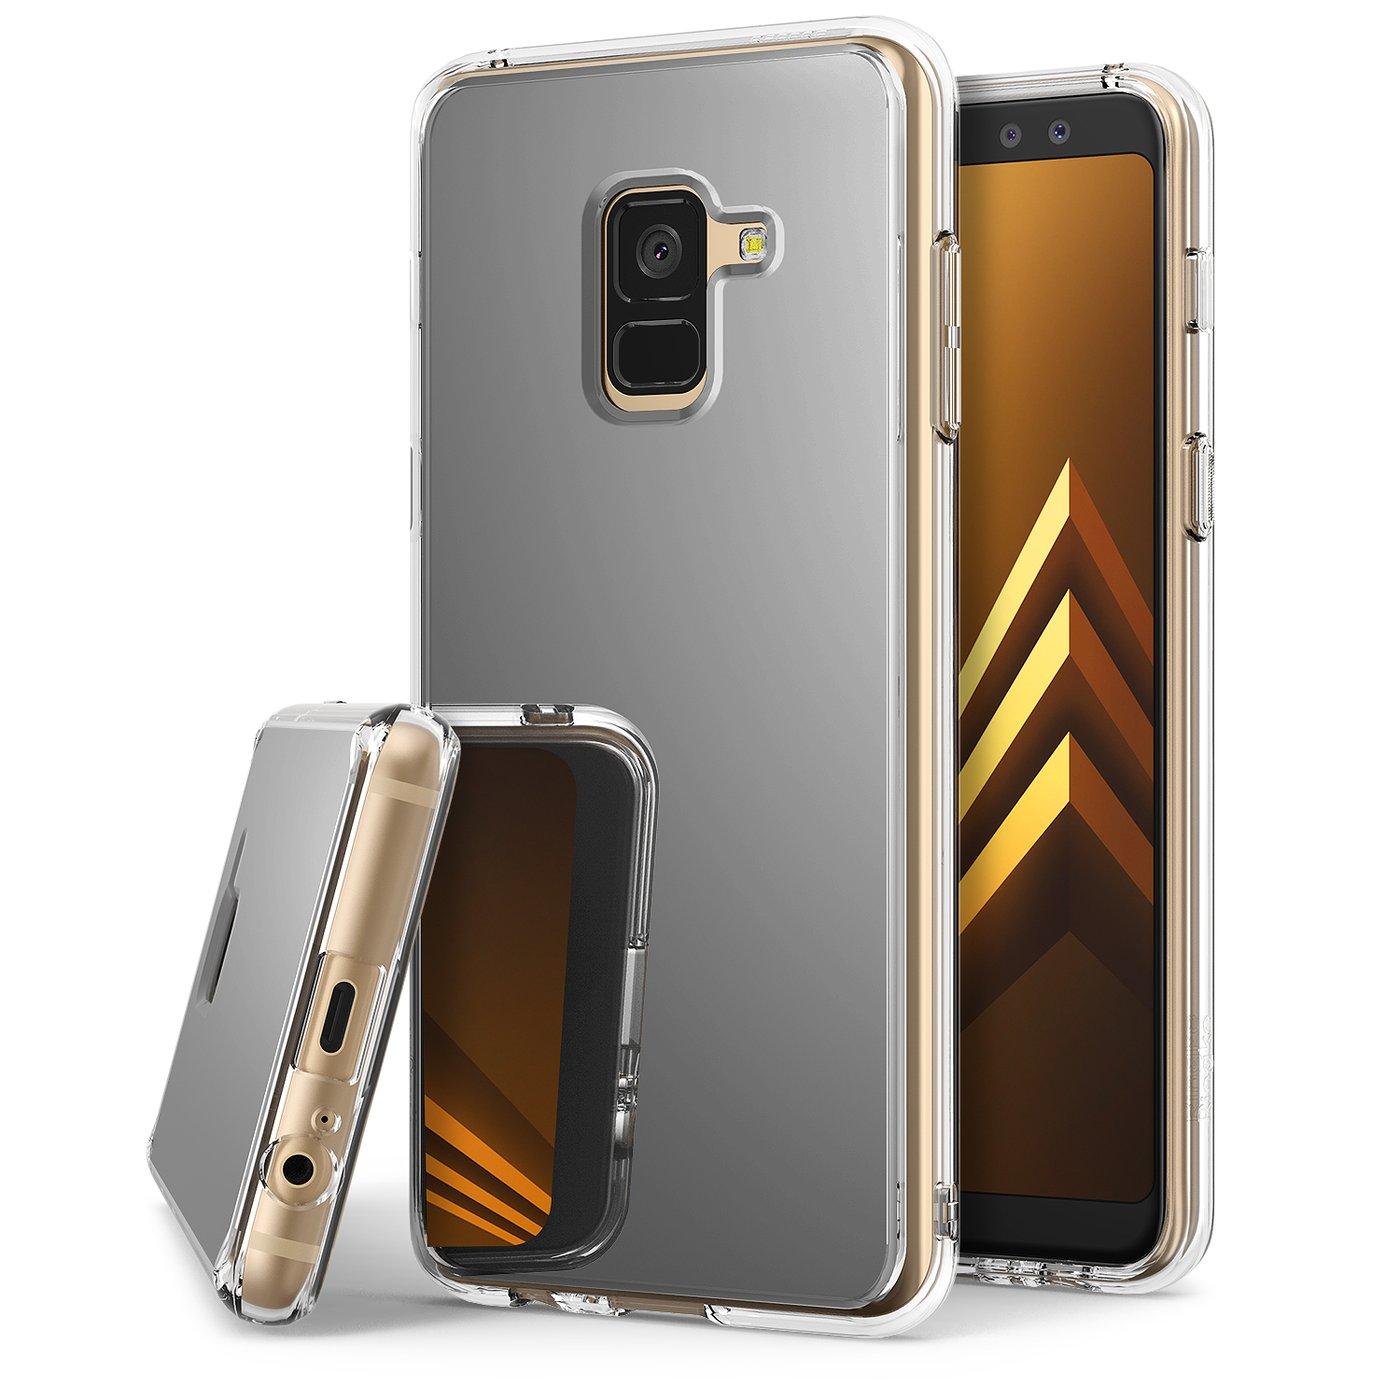 أفضل ما يمكن شراءه من هواتف في الفئة السعرية بين 8000 و10 آلاف جنيه مصري